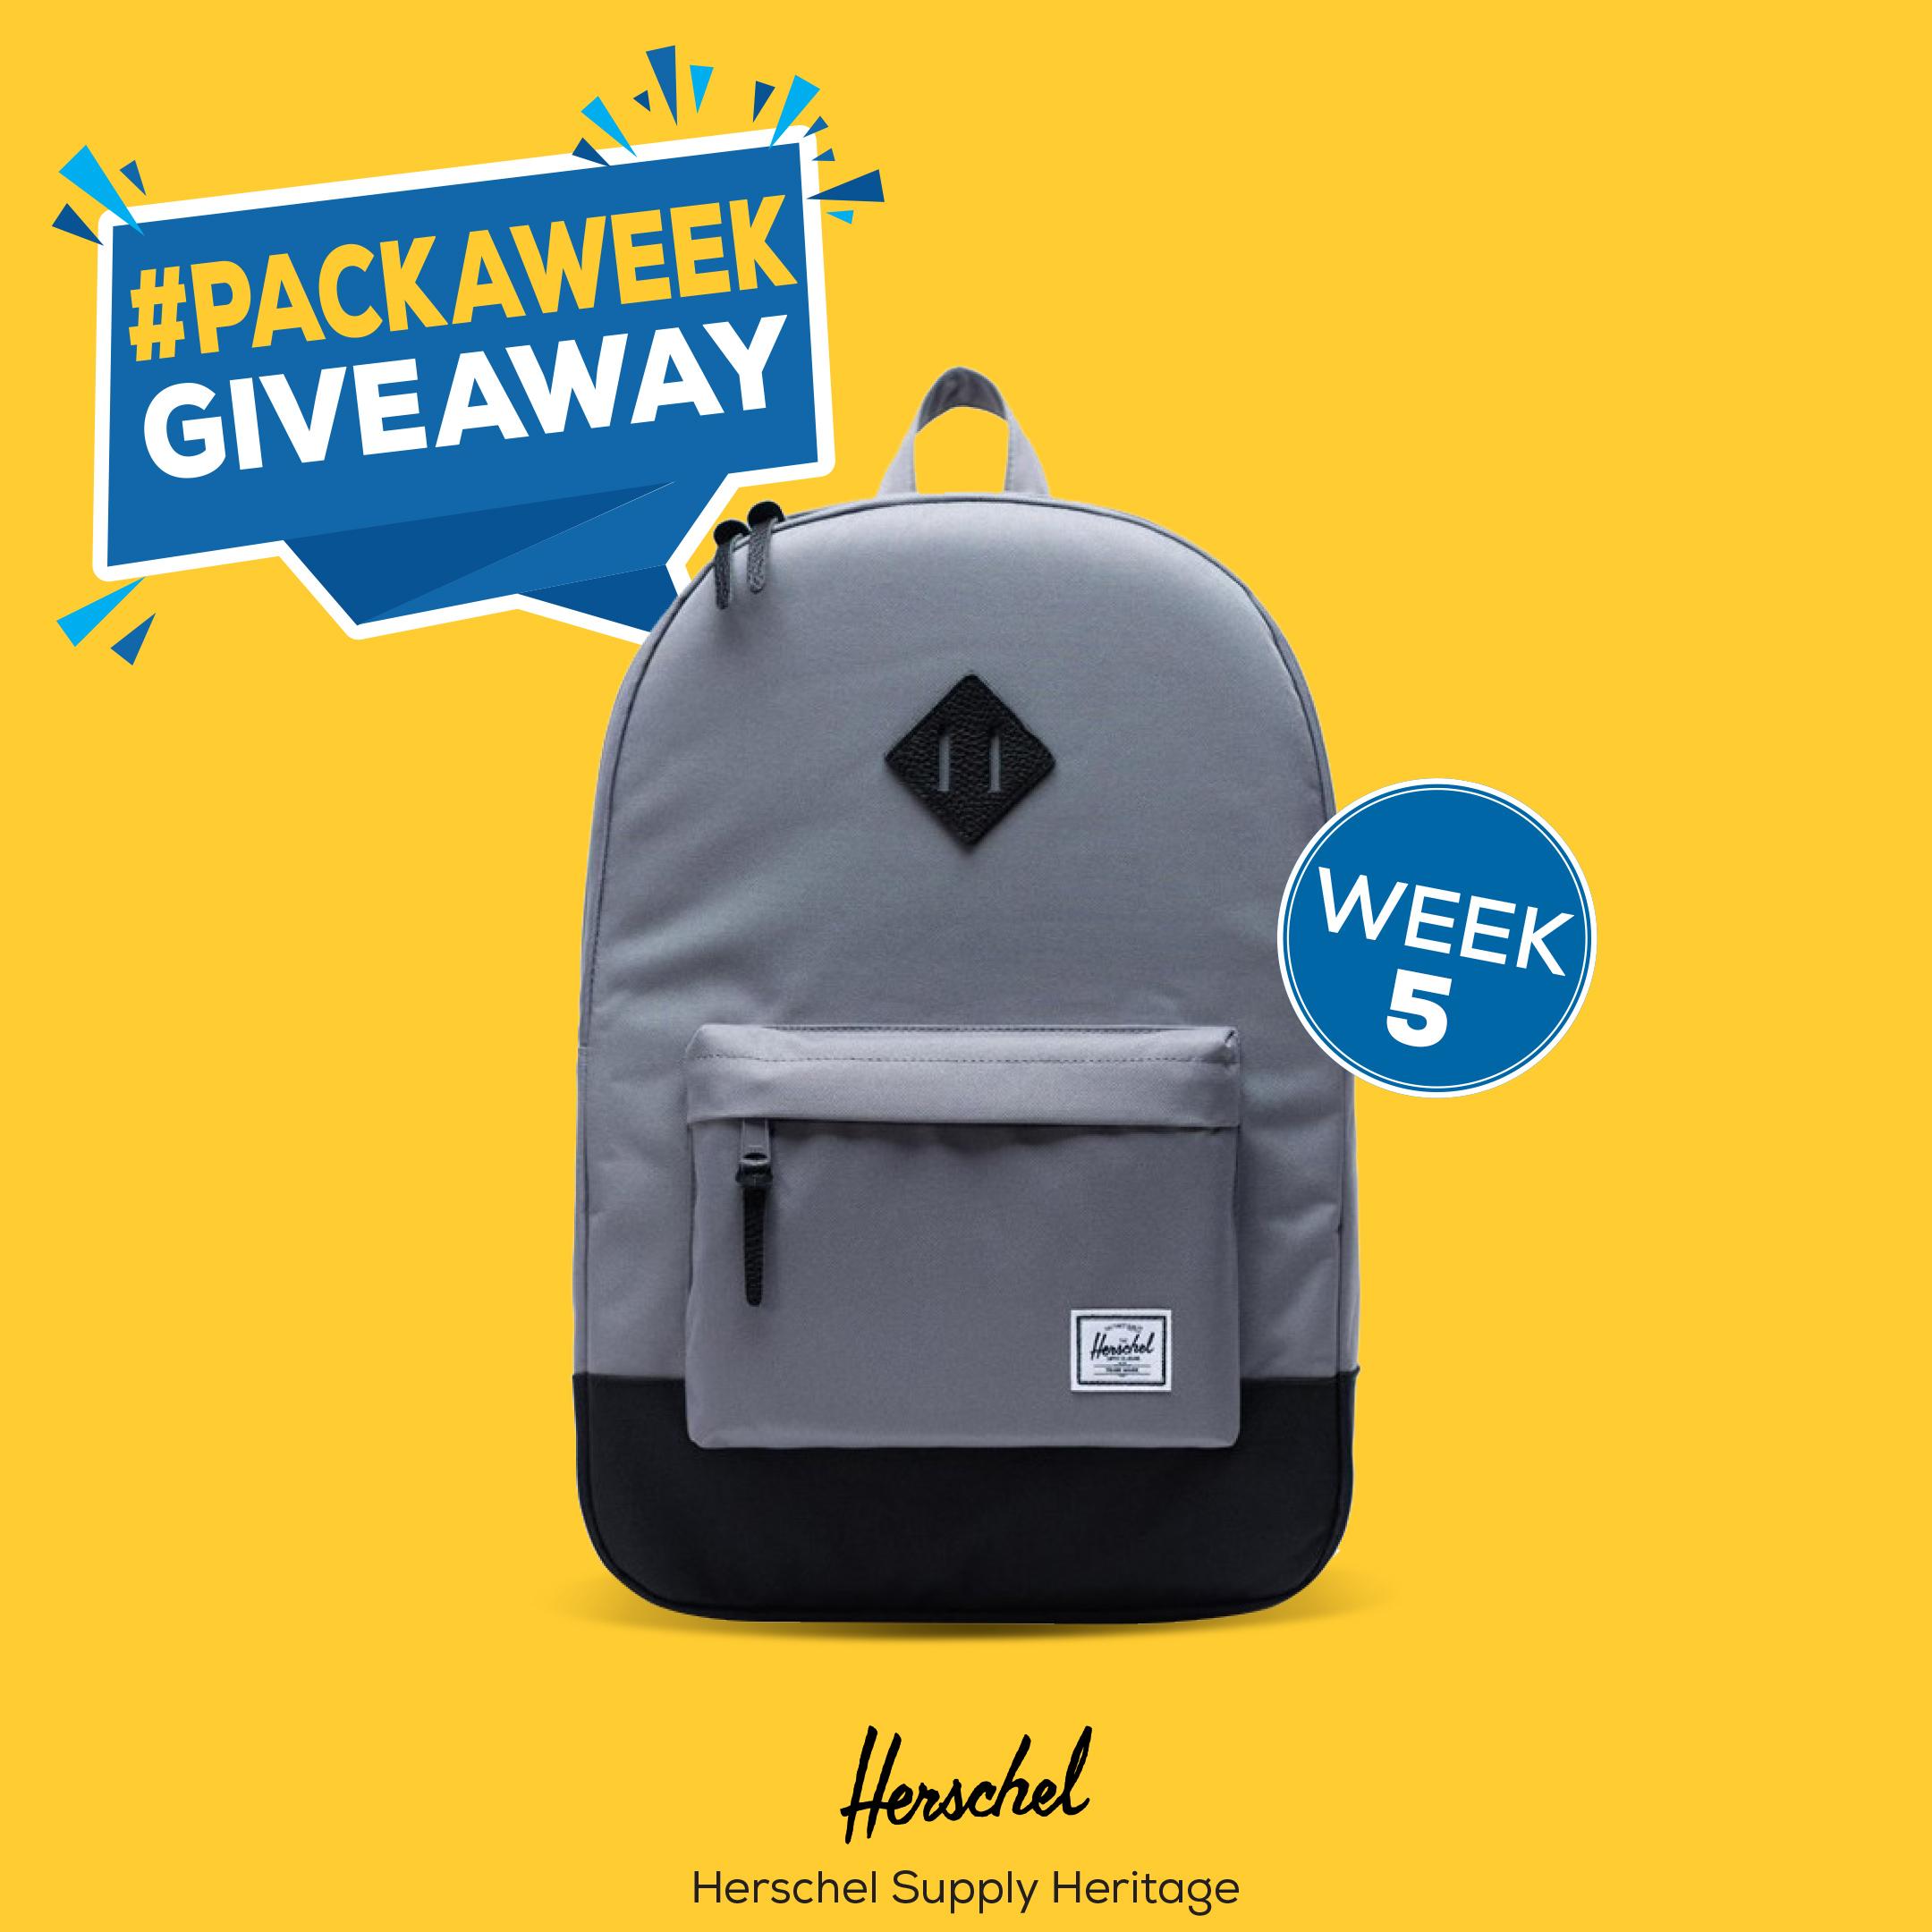 Enter to win Herschel Supply Heritage Backpack